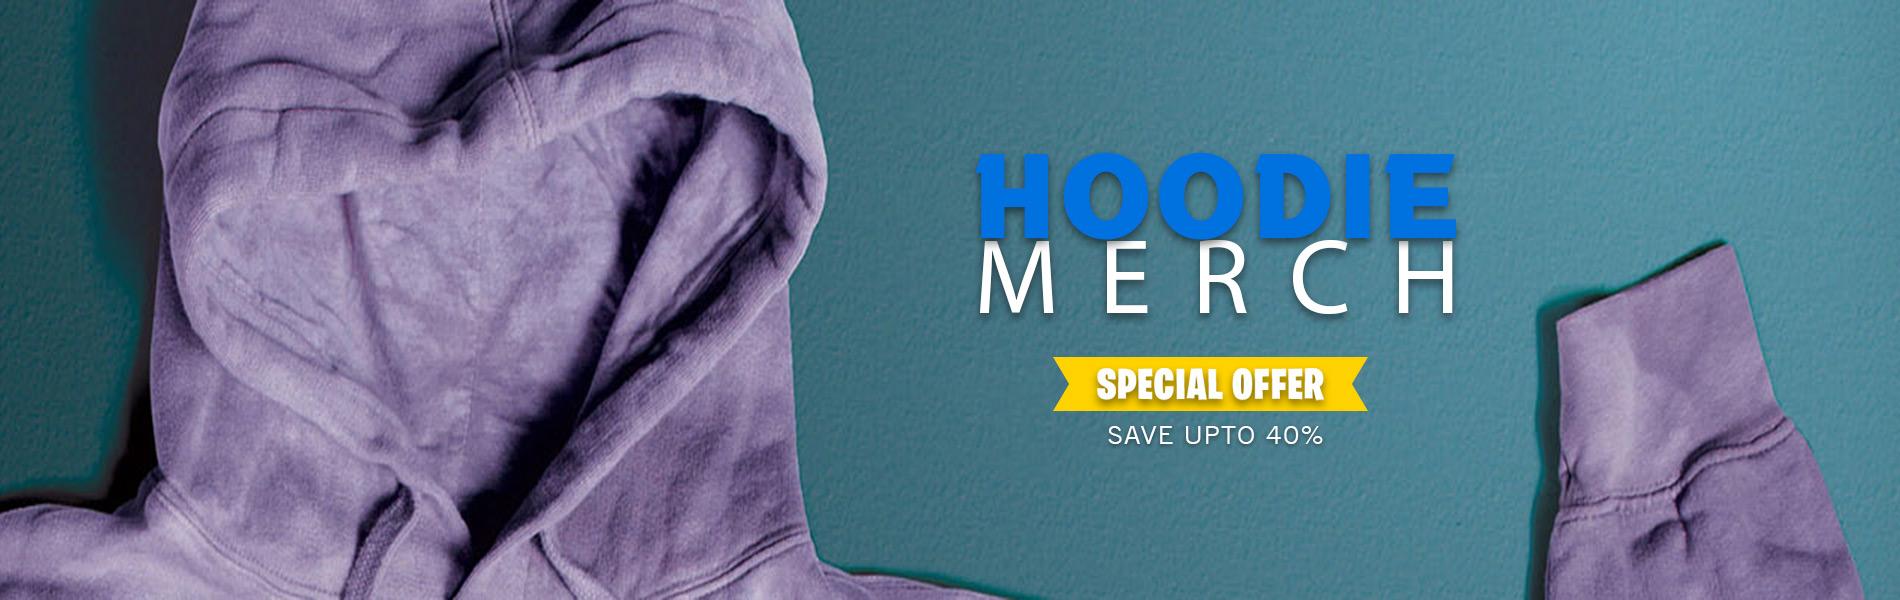 hoodie merch